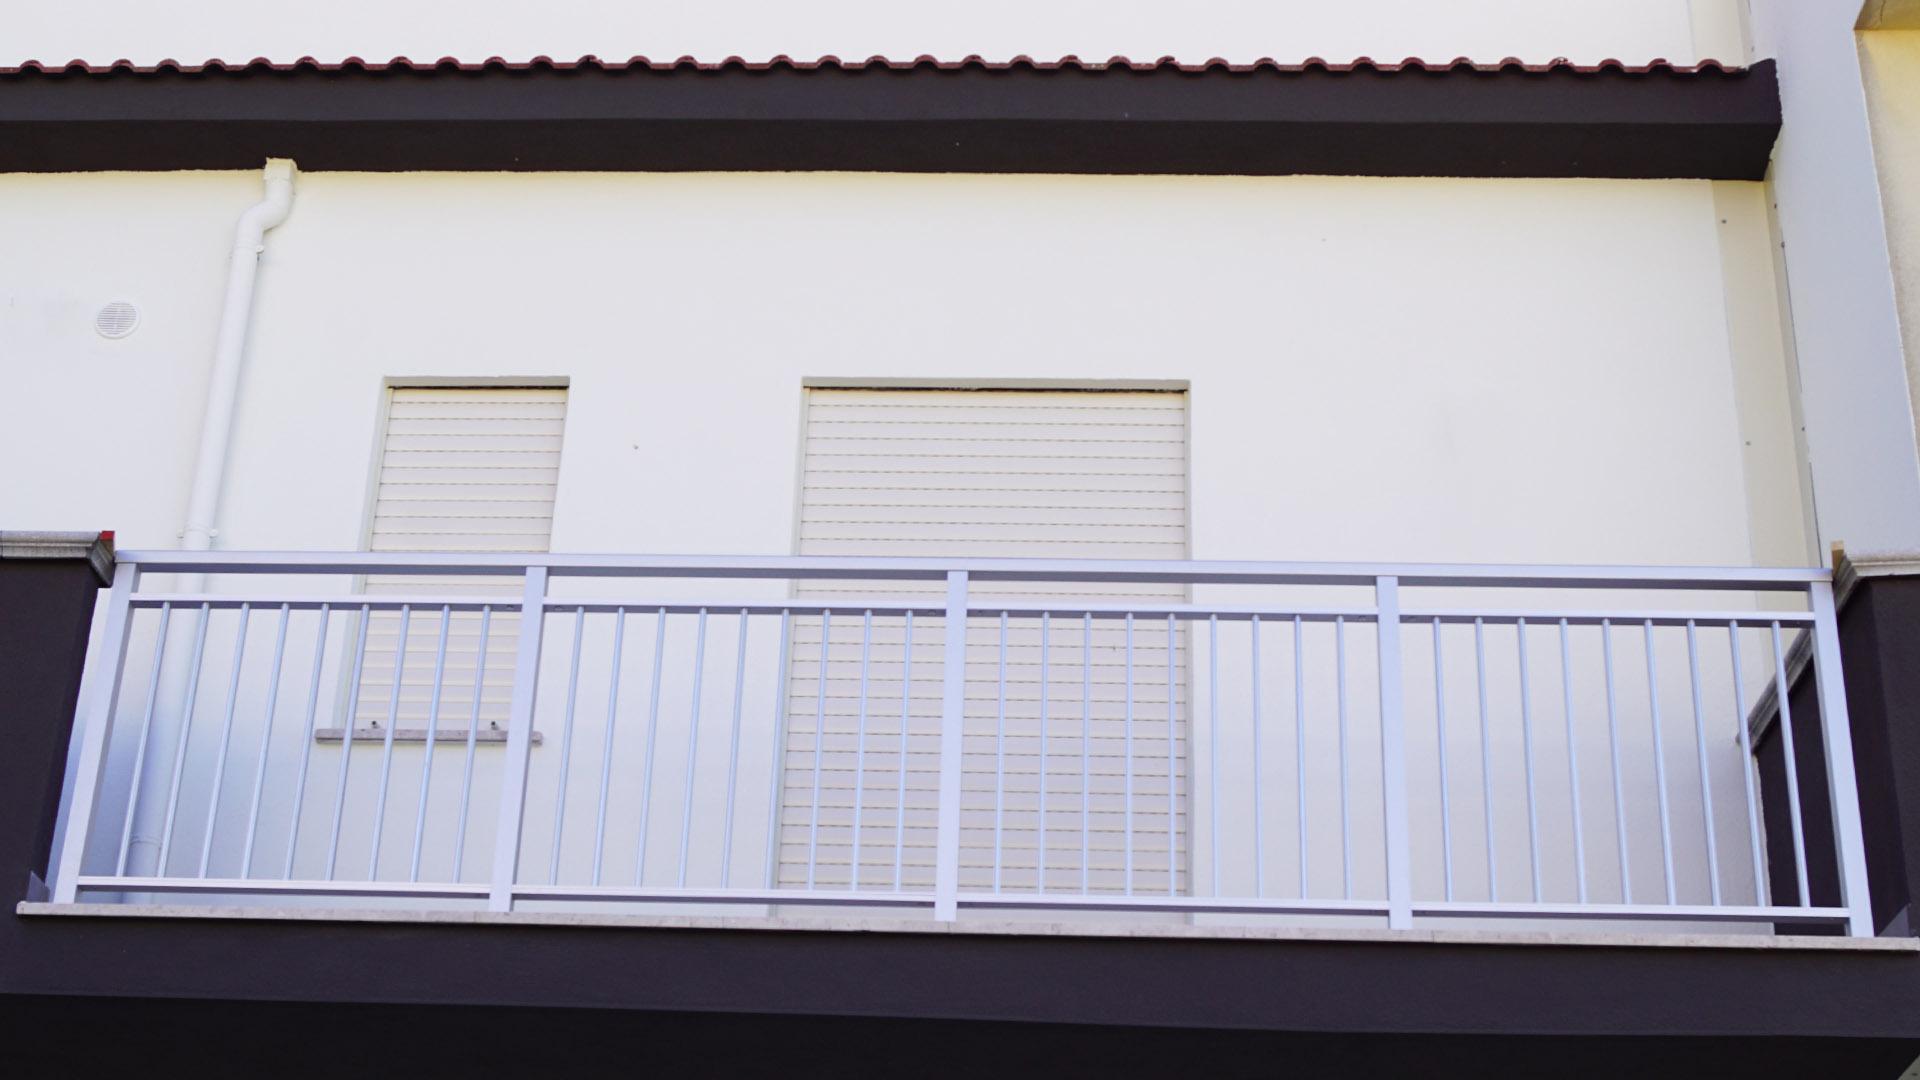 Ringhiere per balconi, balaustre, parapetti in alluminio. 5 Cose Da Sapere Sulle Ringhiere In Alluminio